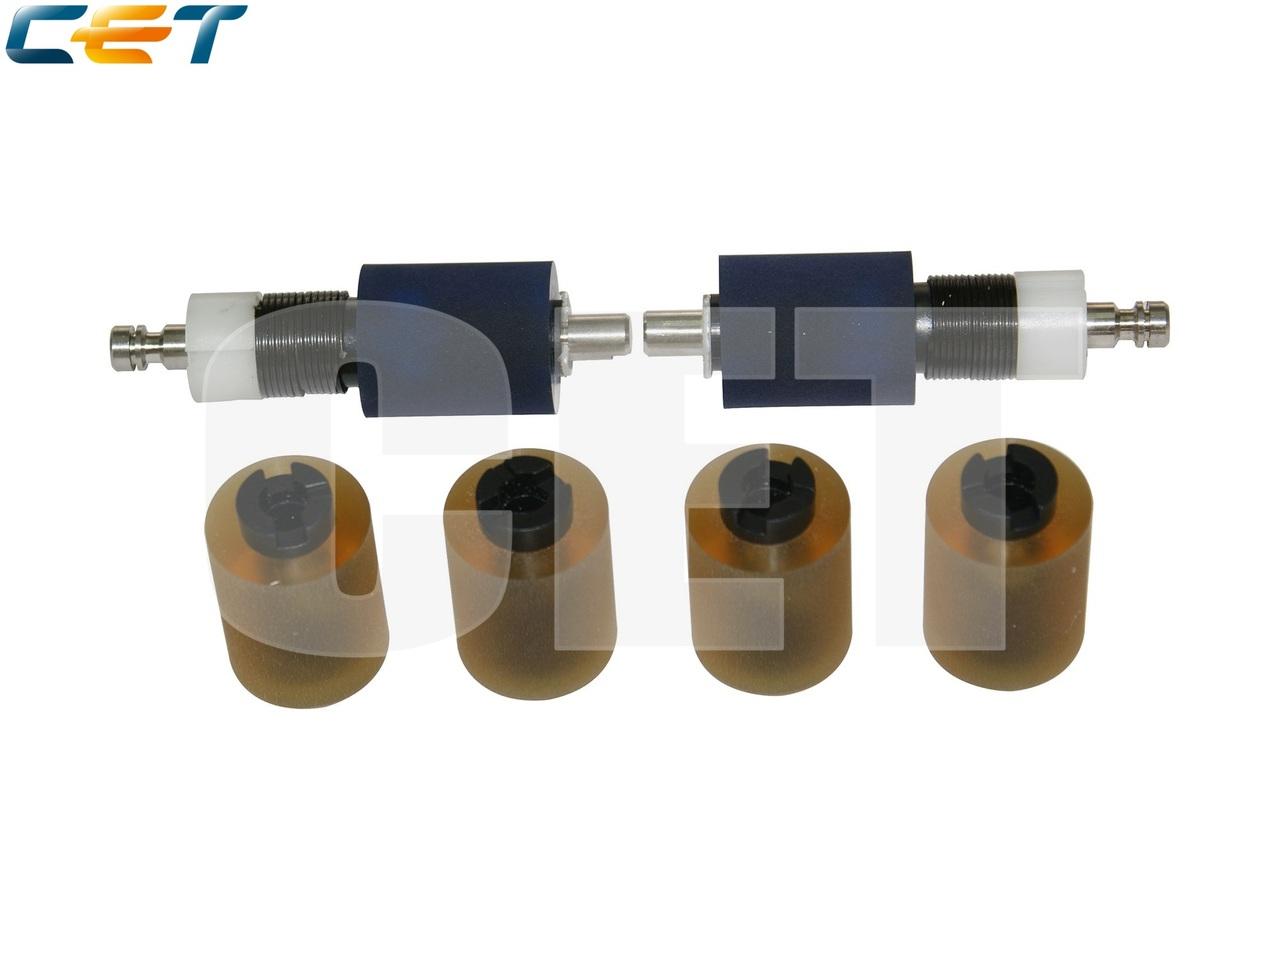 Комплект роликов 4030-3005-01 (4 шт.), 4030-0151-01 (2 шт.)для KONICA MINOLTA Bizhub 222/282/362 (CET), CET3590